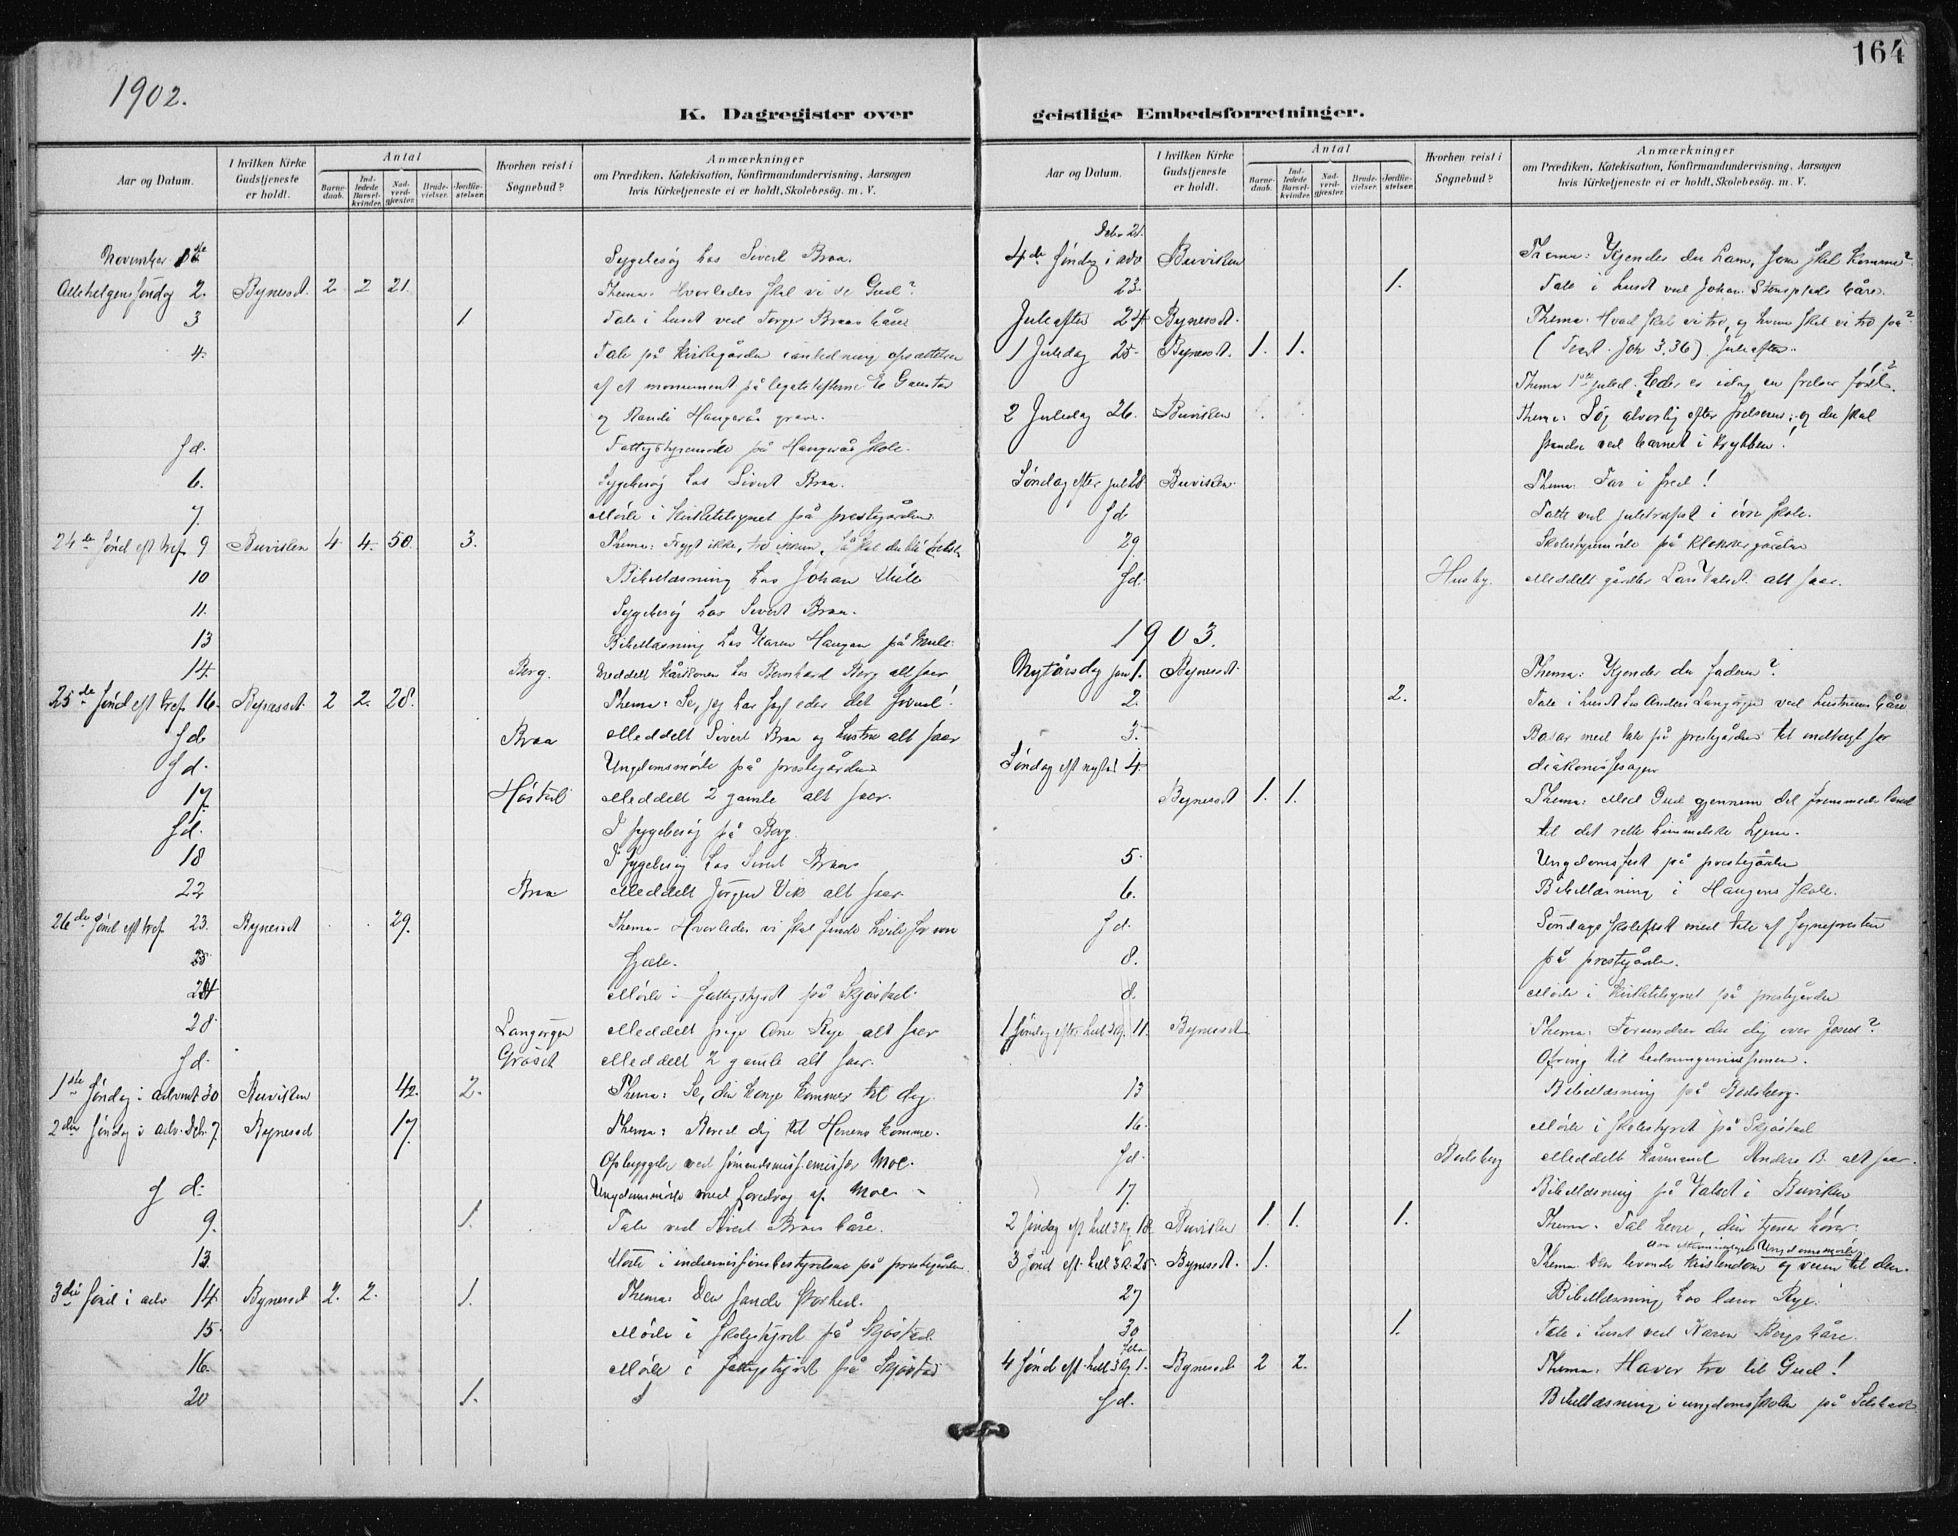 SAT, Ministerialprotokoller, klokkerbøker og fødselsregistre - Sør-Trøndelag, 612/L0380: Ministerialbok nr. 612A12, 1898-1907, s. 164